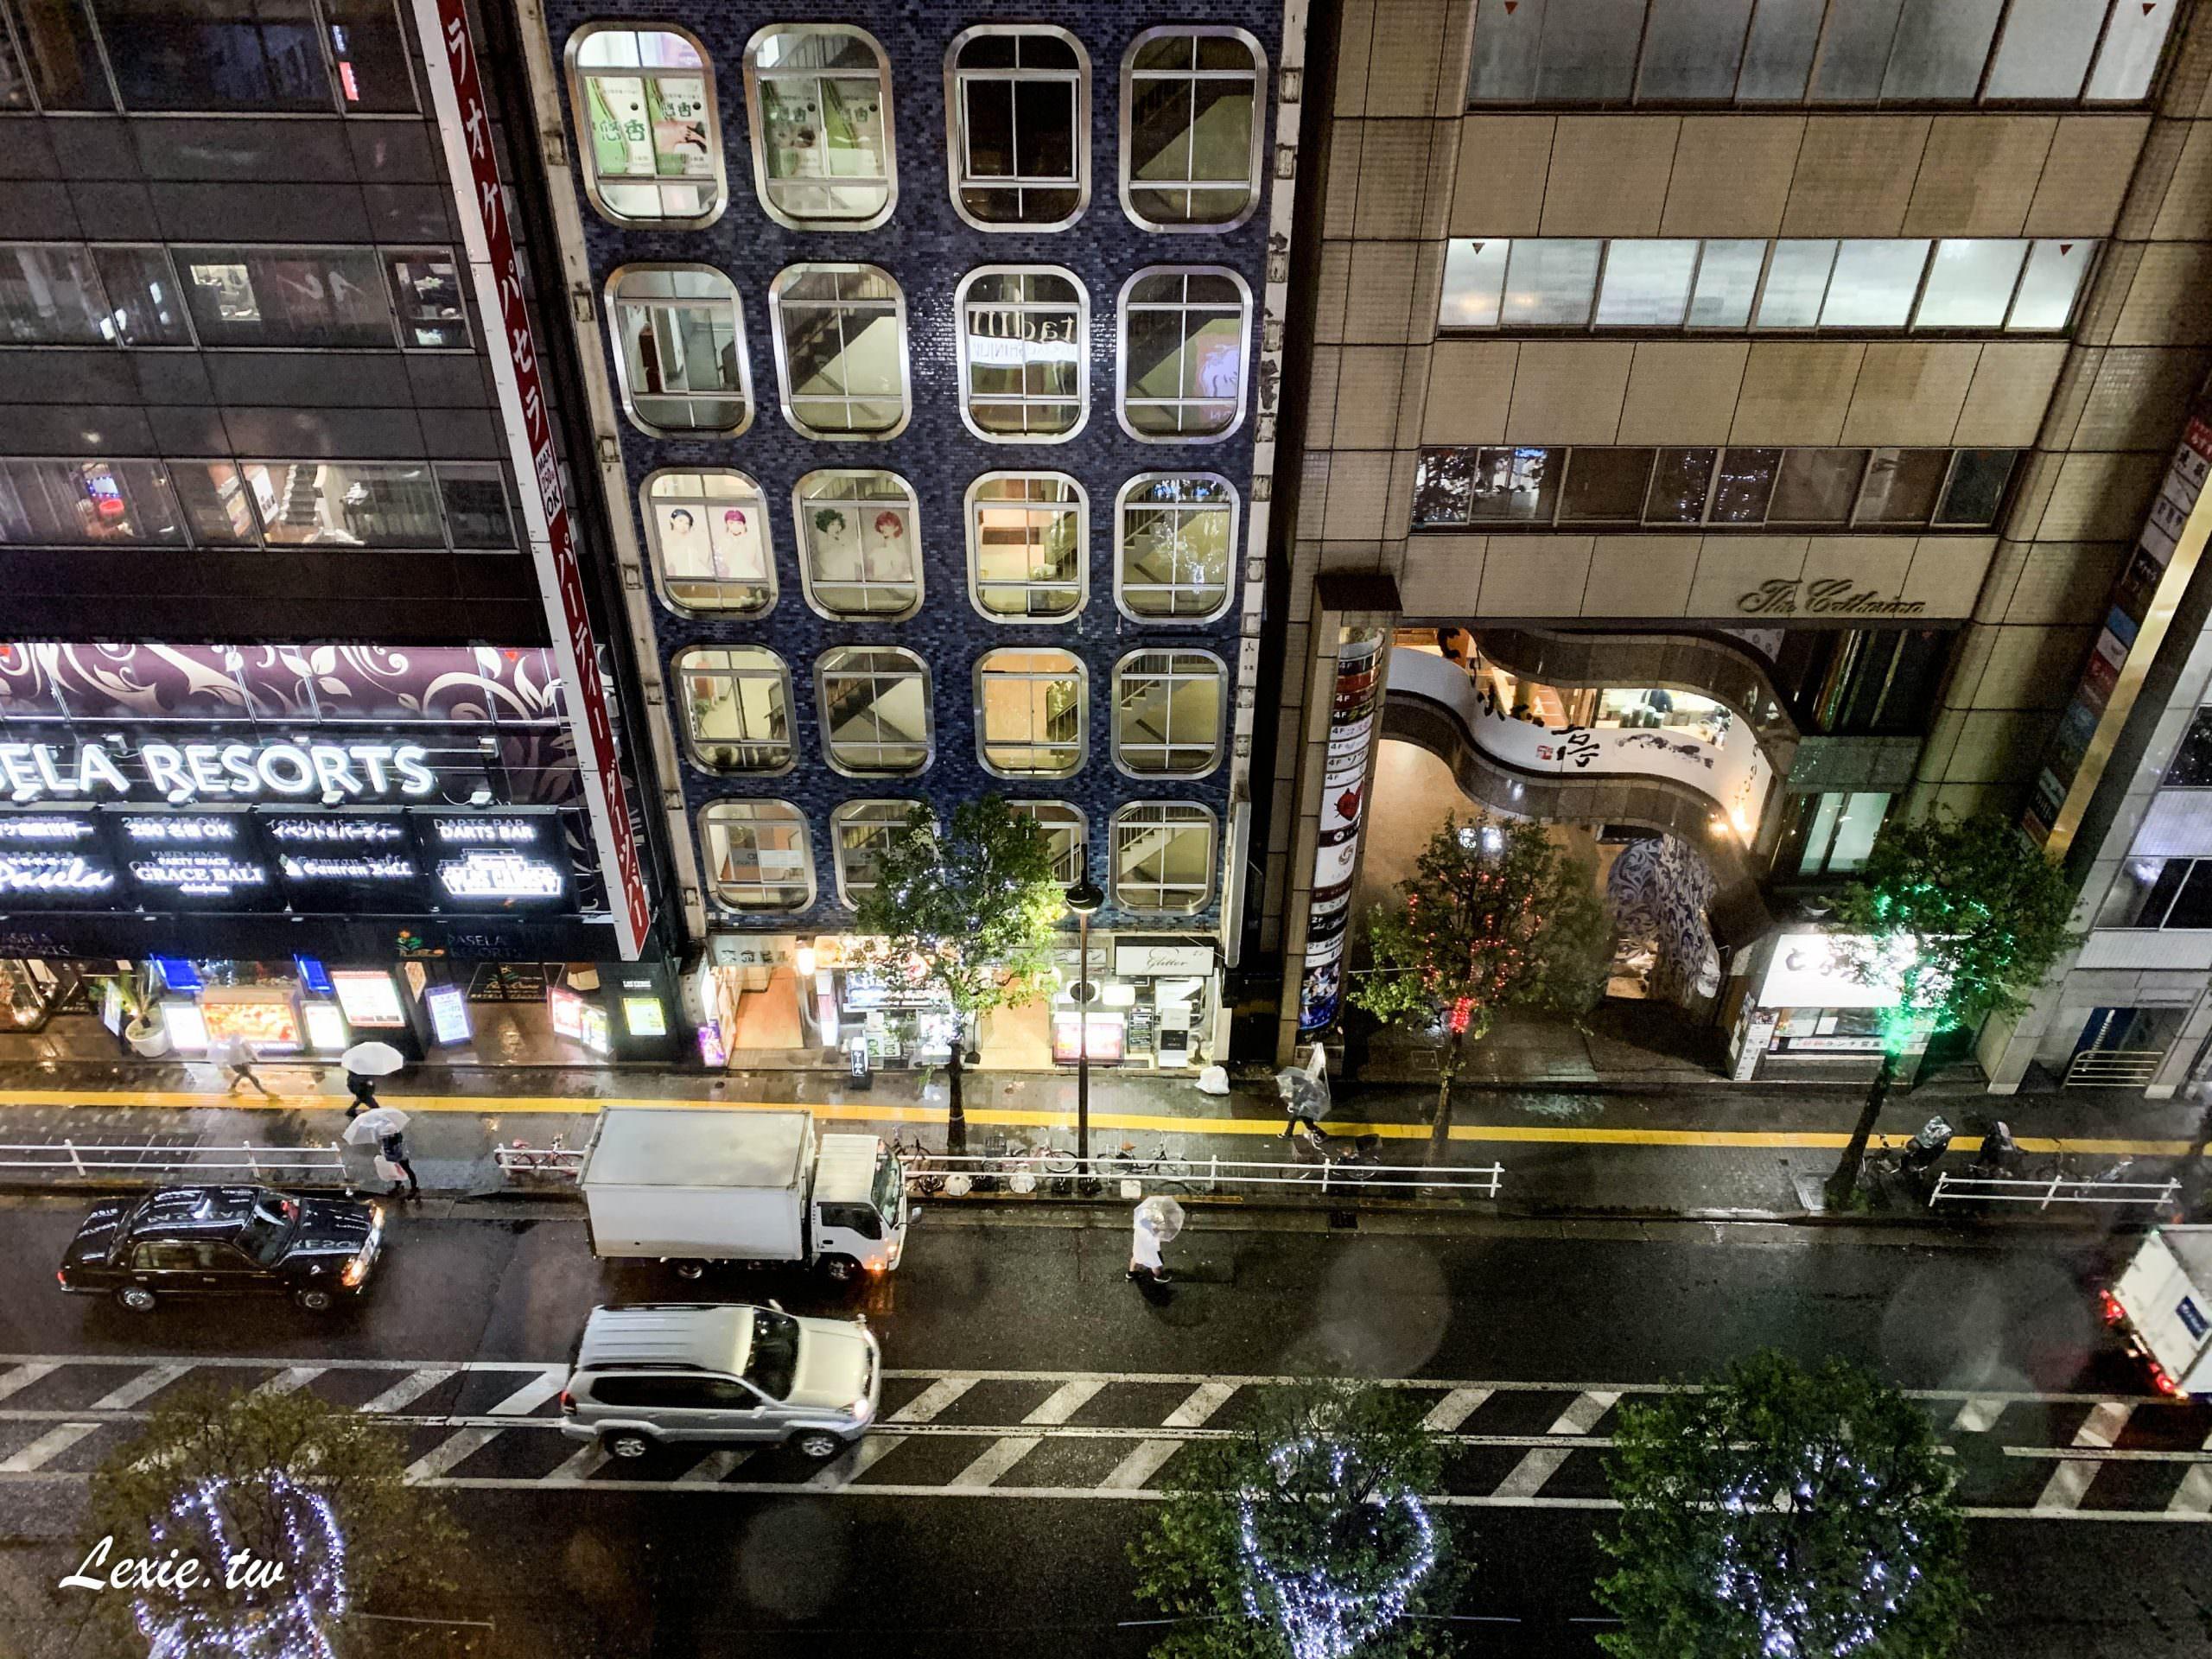 東京新宿飯店|馨樂庭中央新宿,樓下就是便利商店,交通方便房價便宜,近歌舞伎町